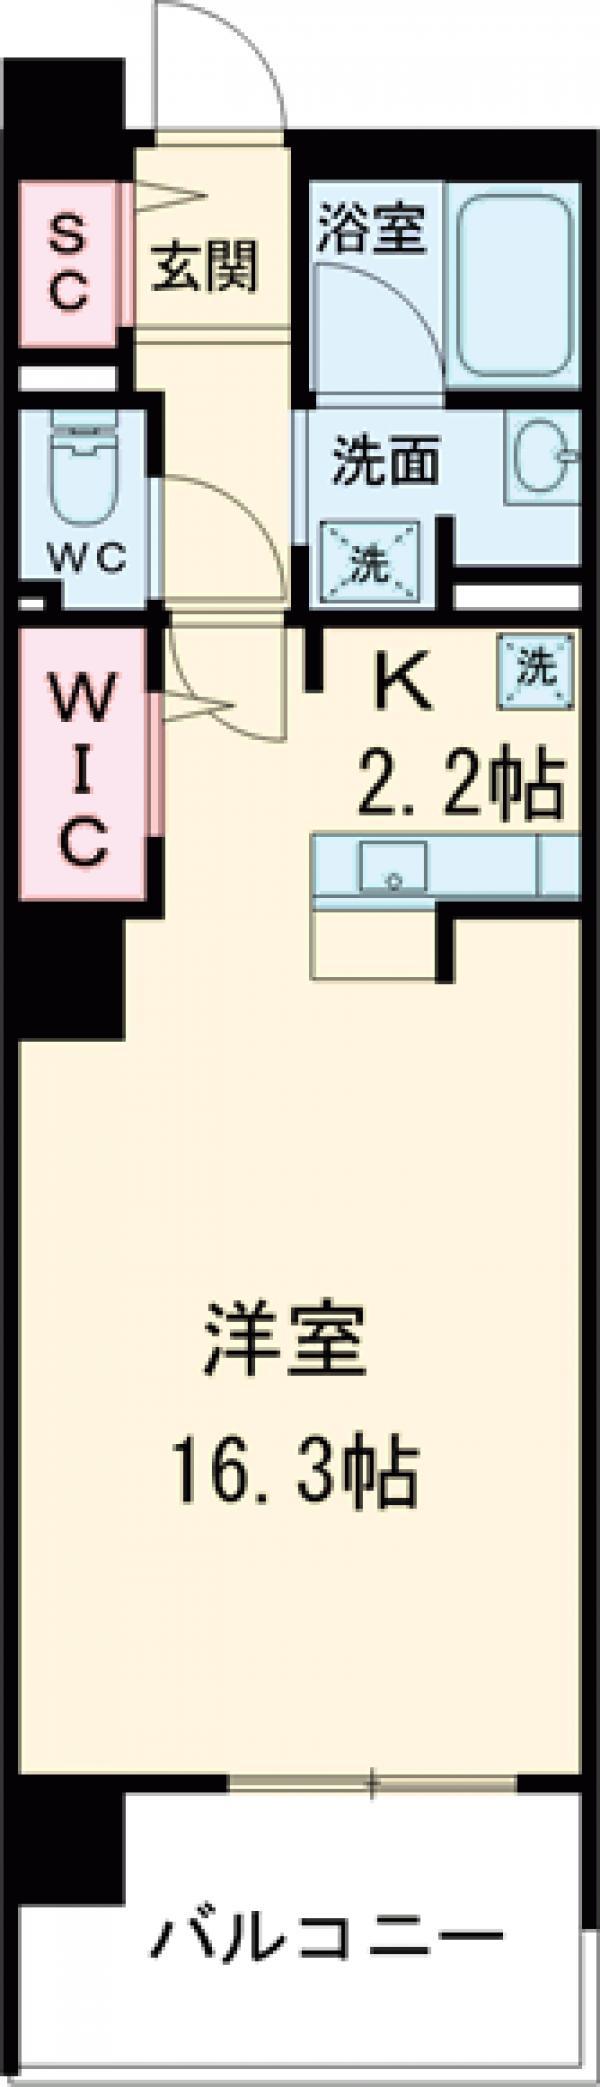 ロイヤルパークス花小金井・1210号室の間取り